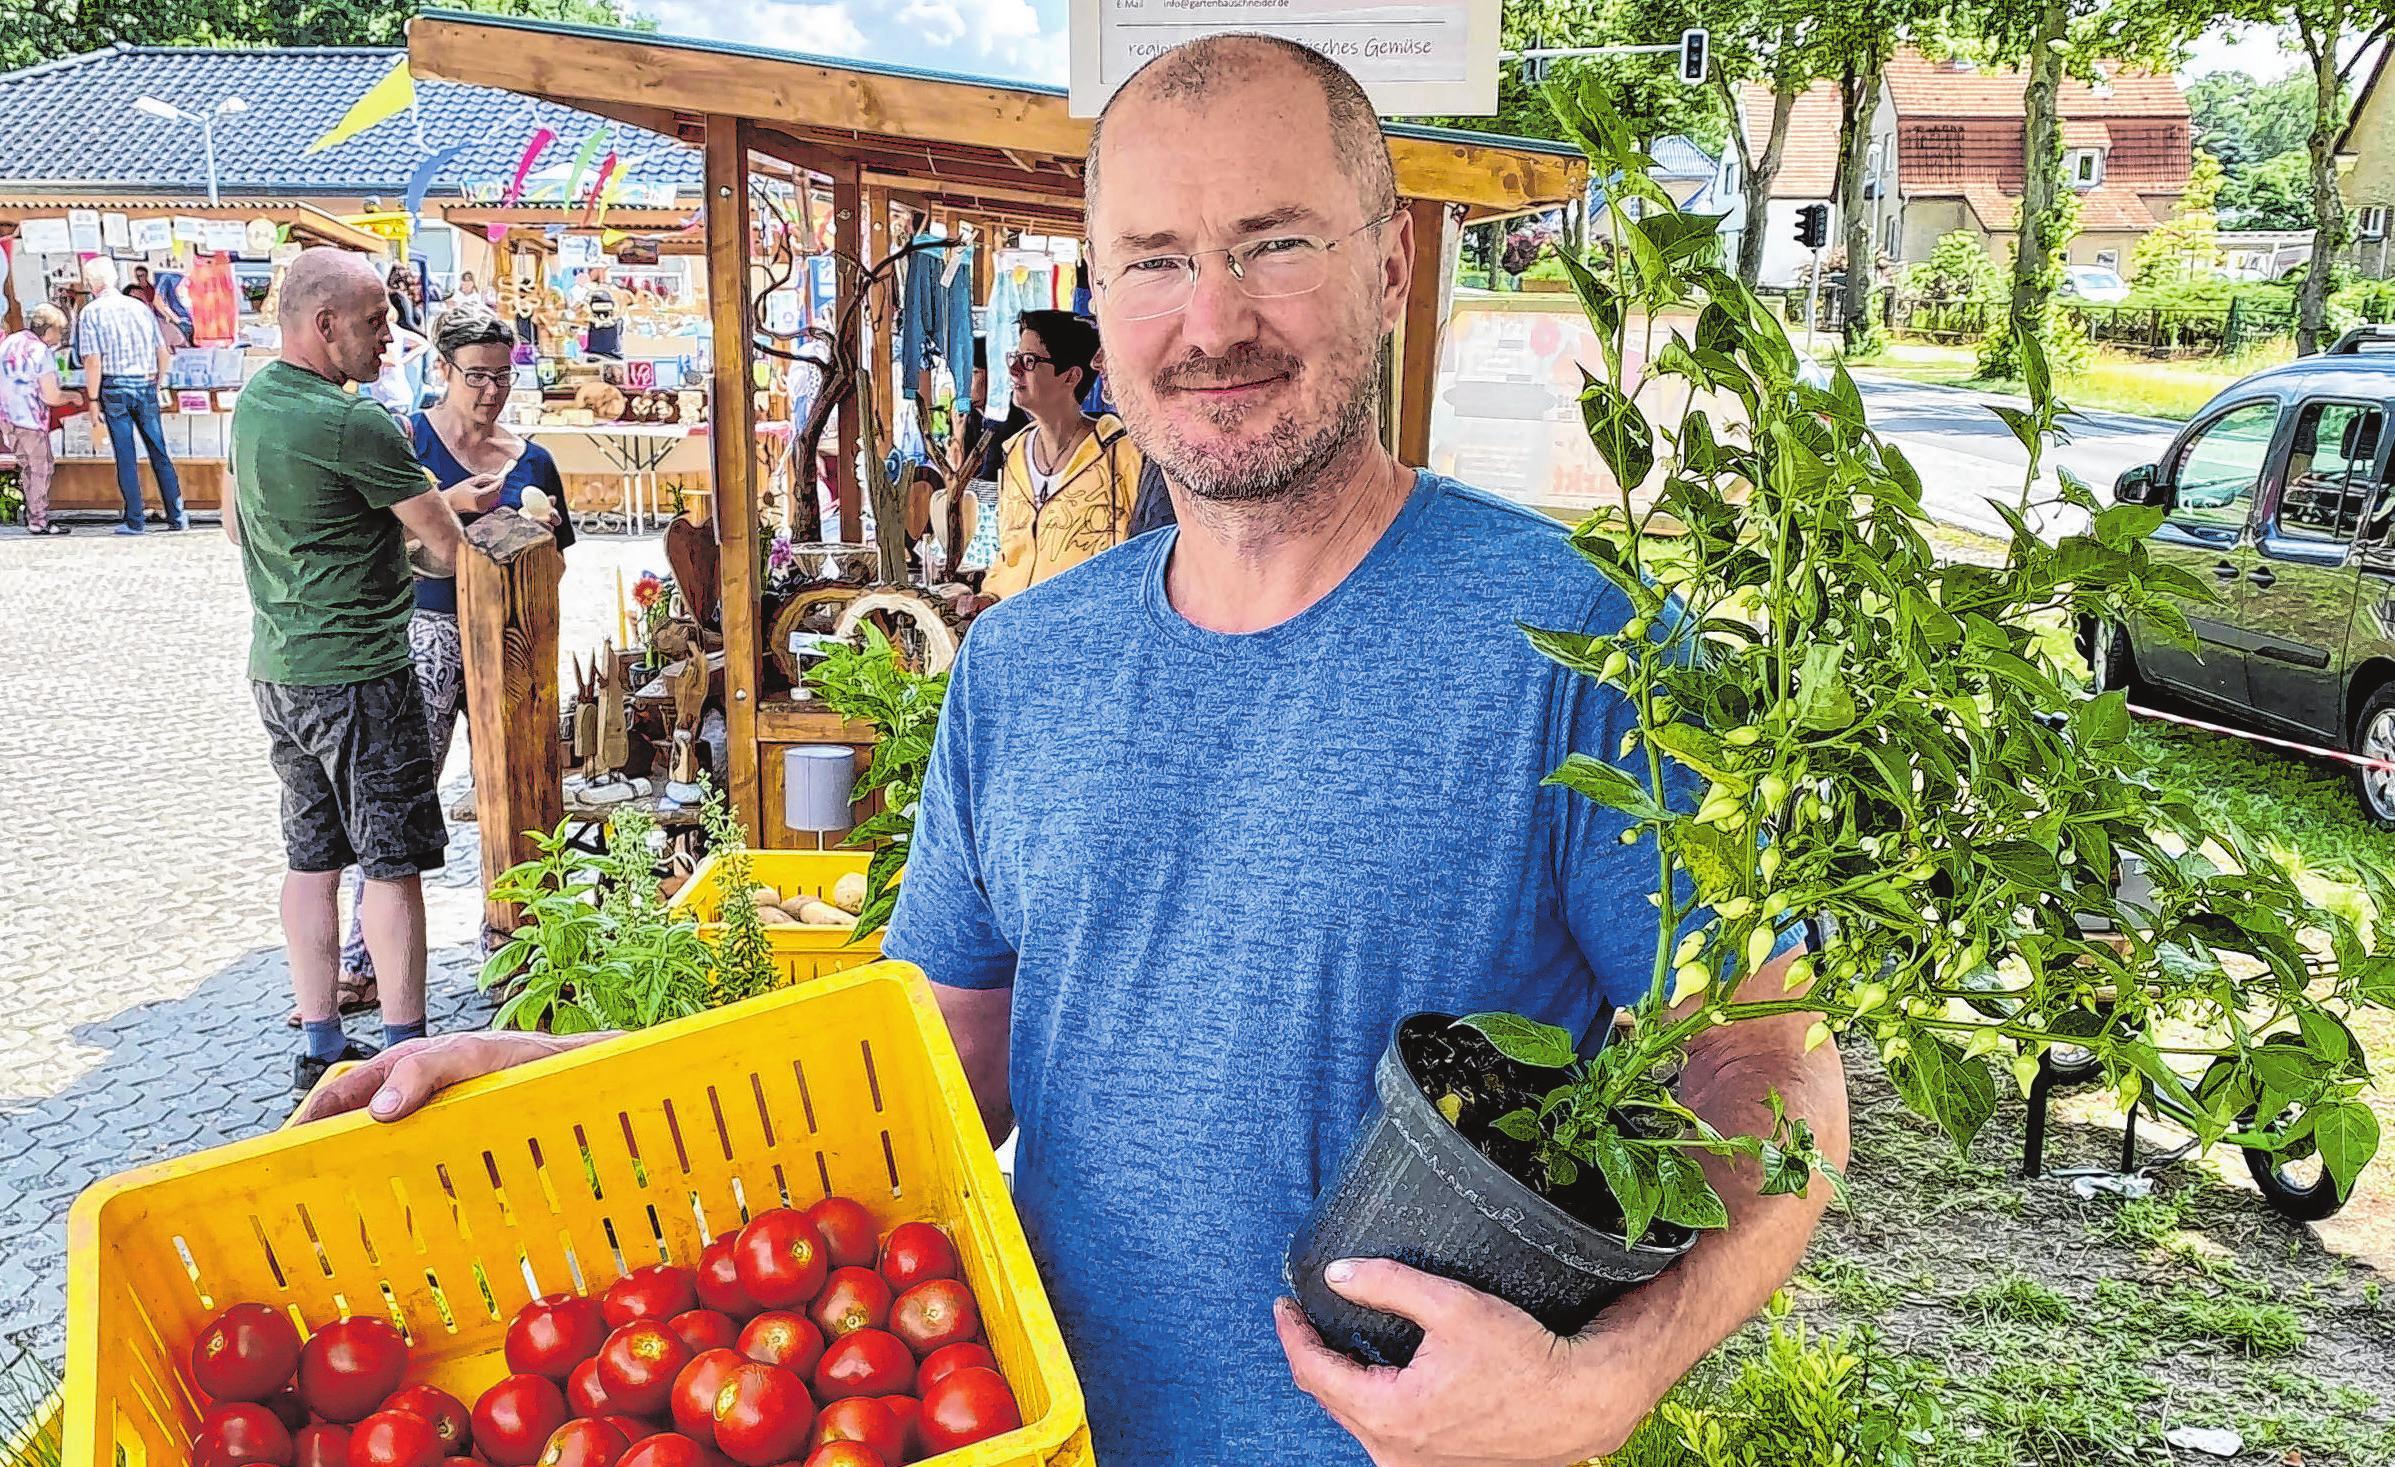 Die Hangelsberger Gärtnerei Schneider bot saisonales frisches Gemüse an. Erik Schneider hat unter der Woche seinen Hofladen von Mo-Fr 9-18 und Sa von 9-12 Uhr geöffnet. Neben Gemüse und Kräutern bietet er auch Chillipflanzen an.